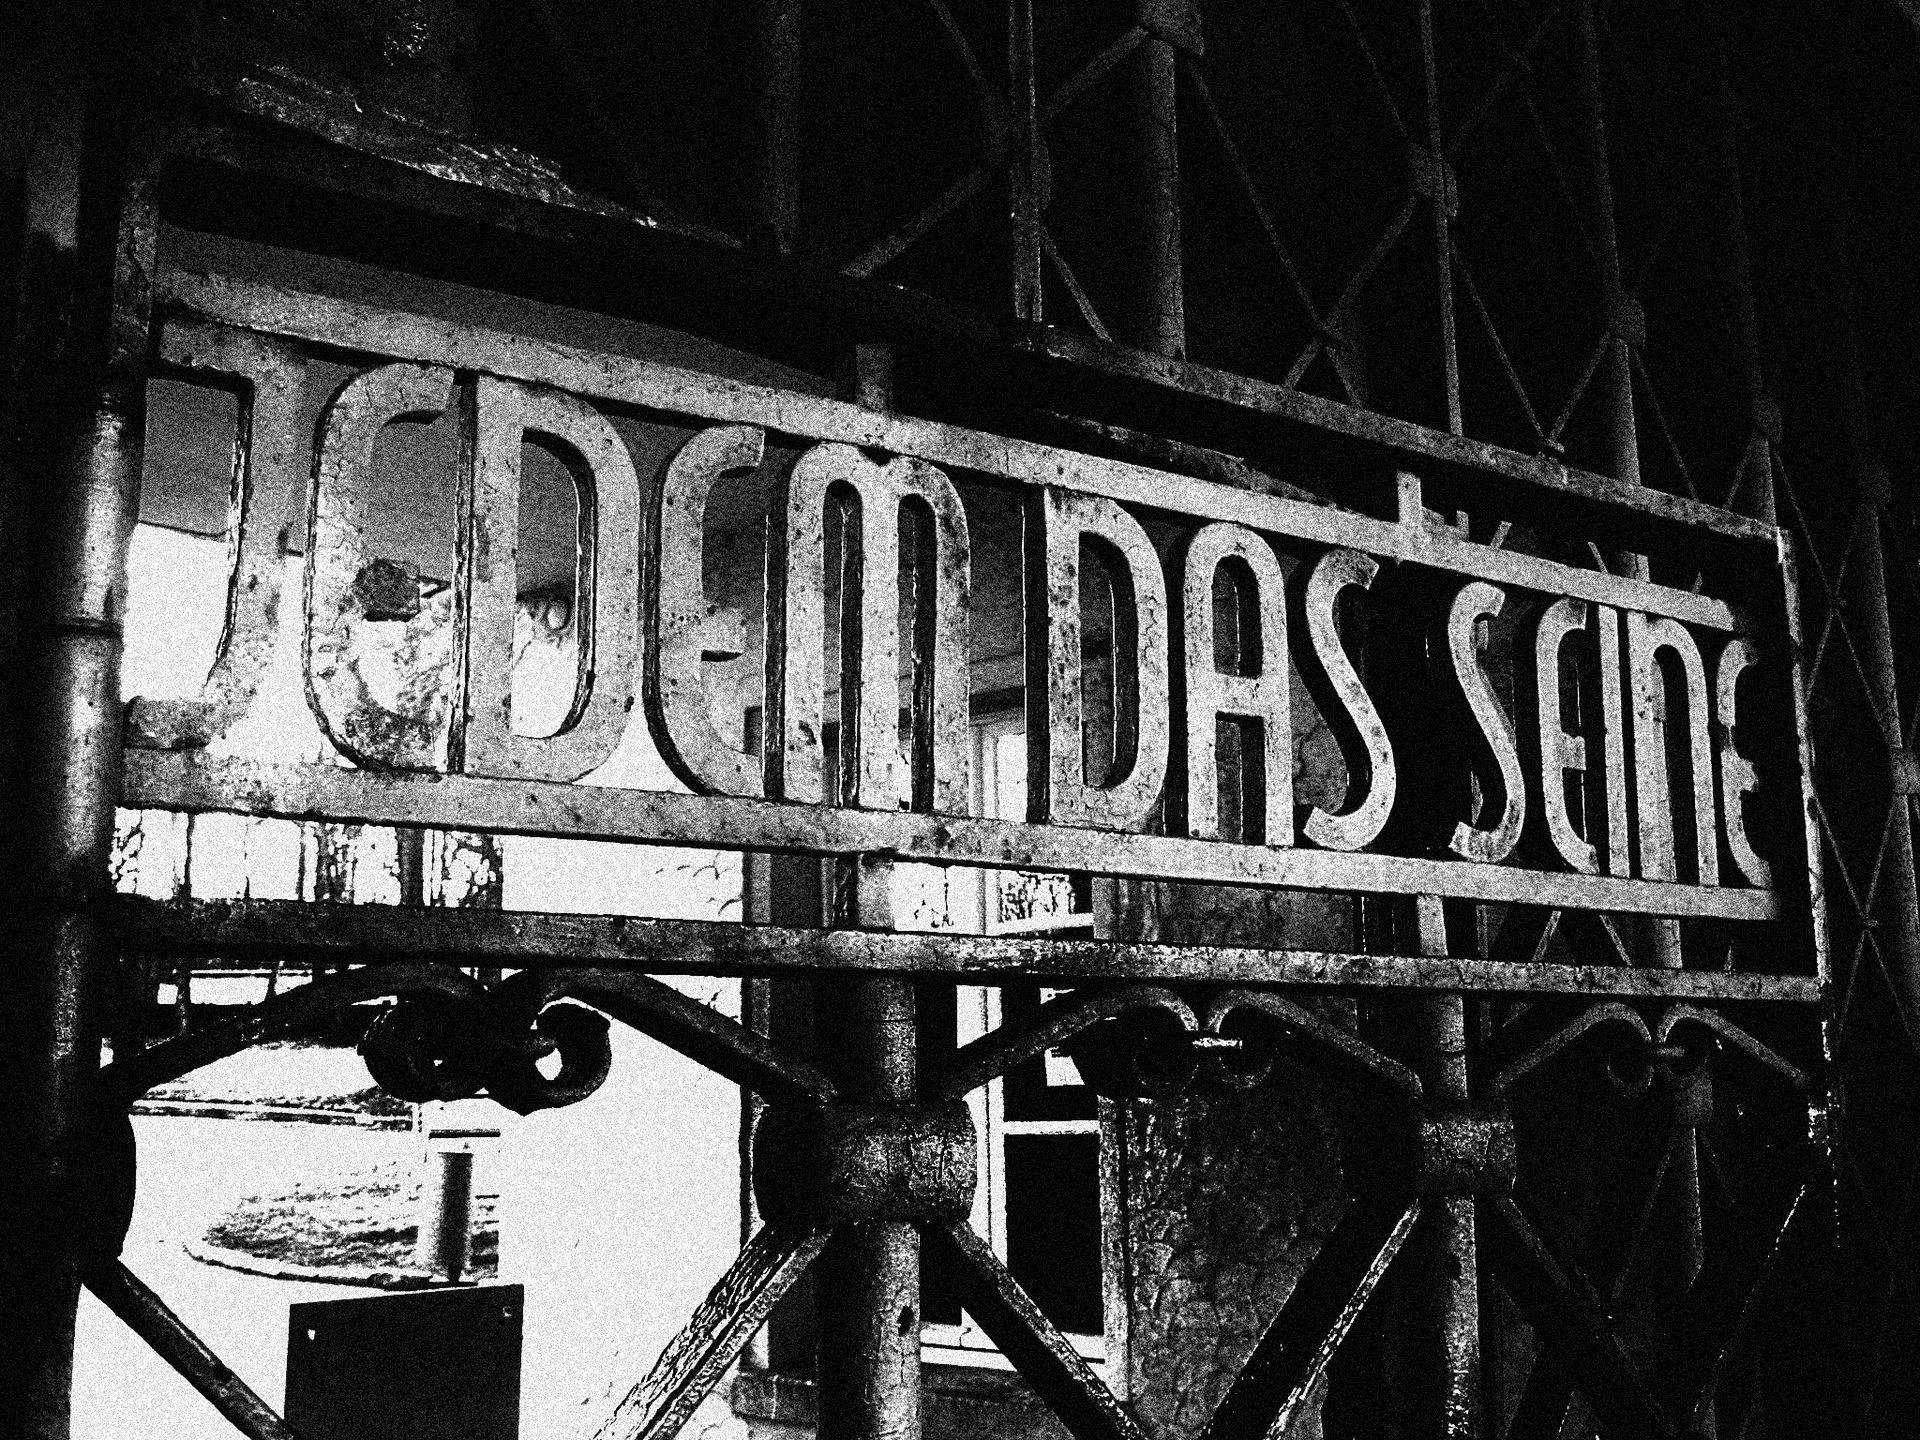 L'inscription de la porte du camp de concentration de Buchenwald : « À chacun son dû ».